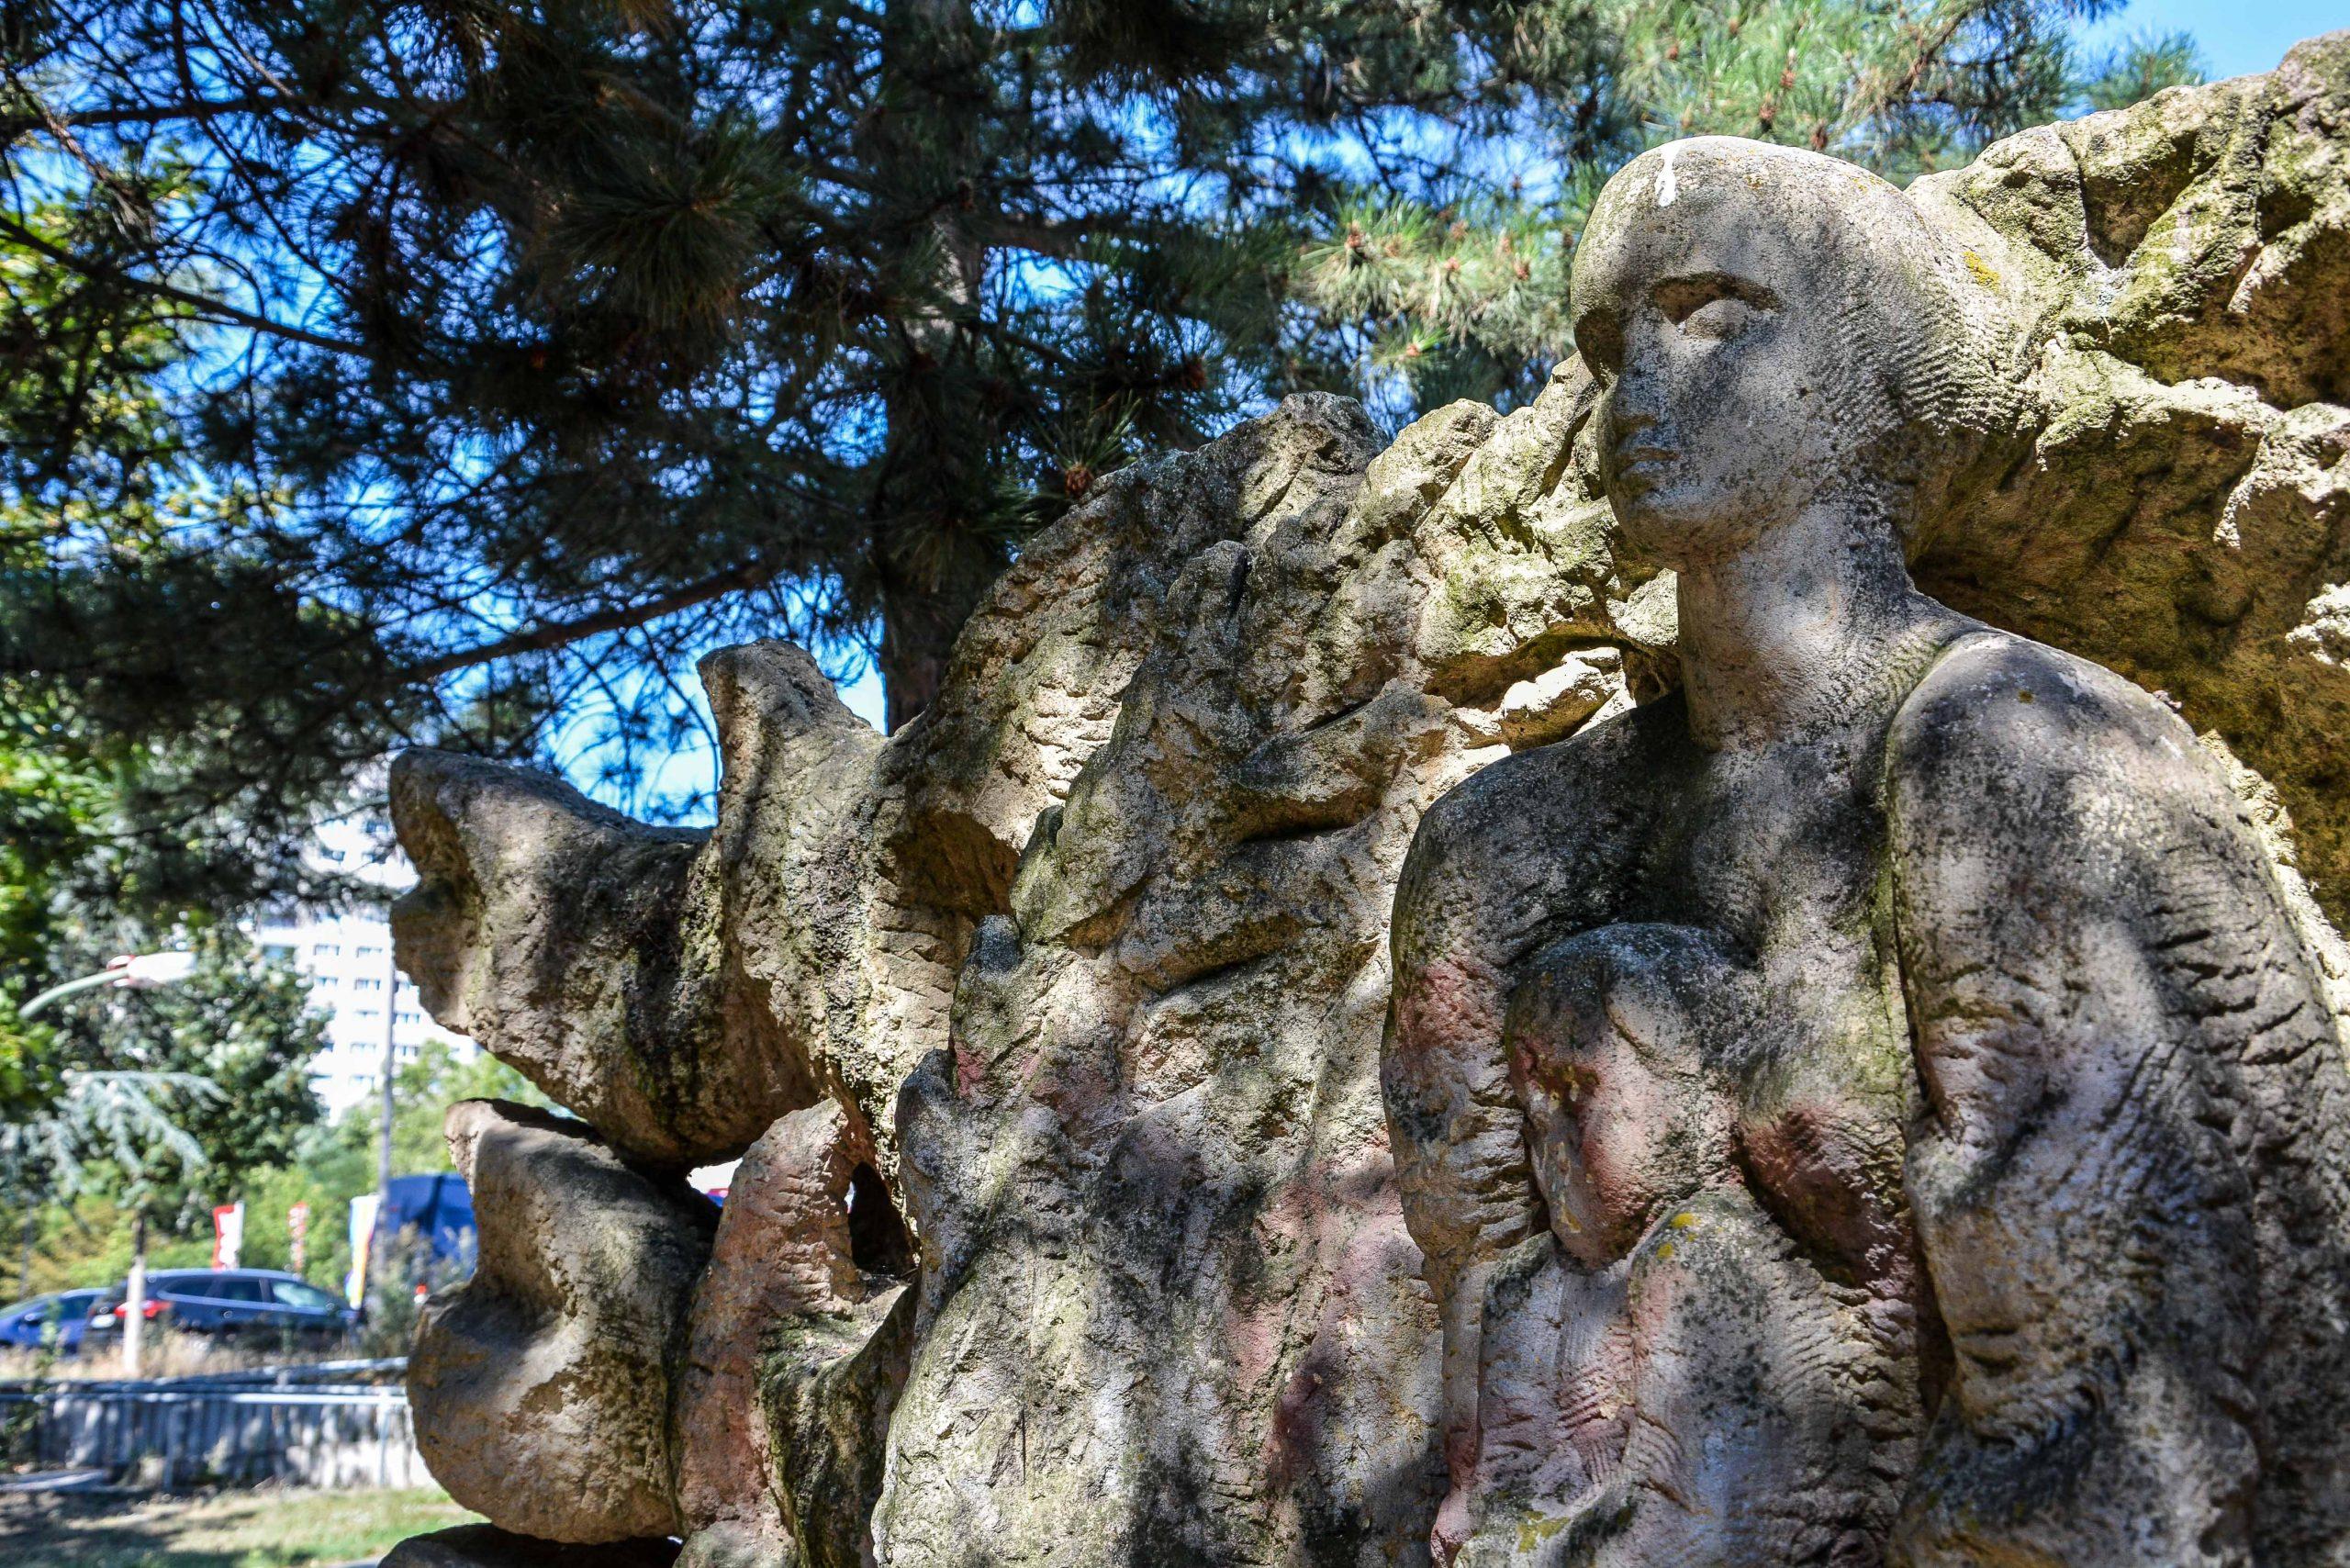 Chernobyl Memorial Berlin Lichtenberg fennpfuhlpark tschernobyl denkmal berlin deutschland juri sinkewitsch frau gesicht